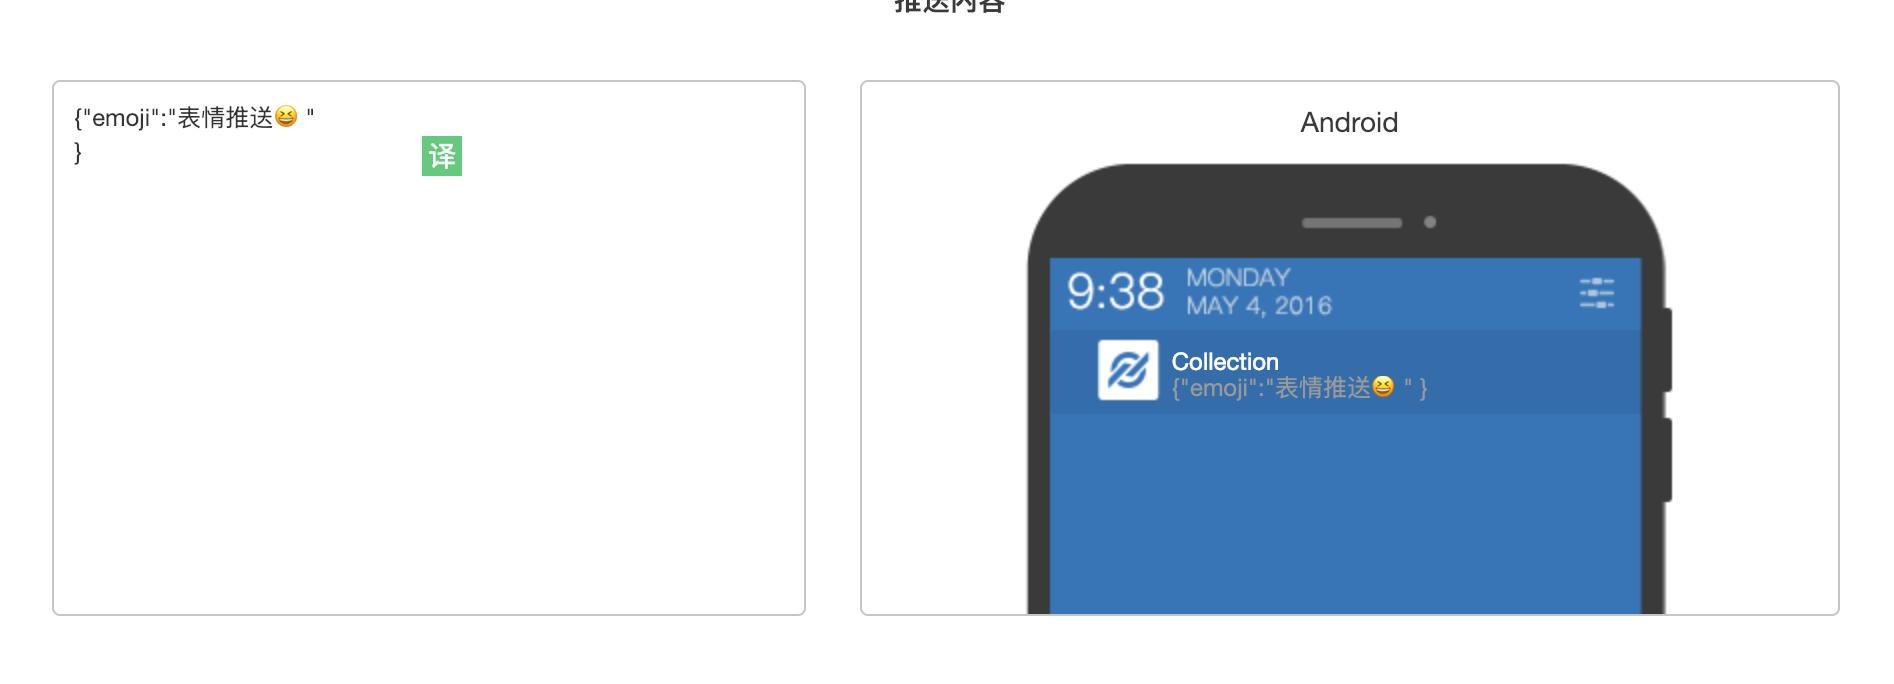 极光征文 | 如何实现Emoji表情的推送??